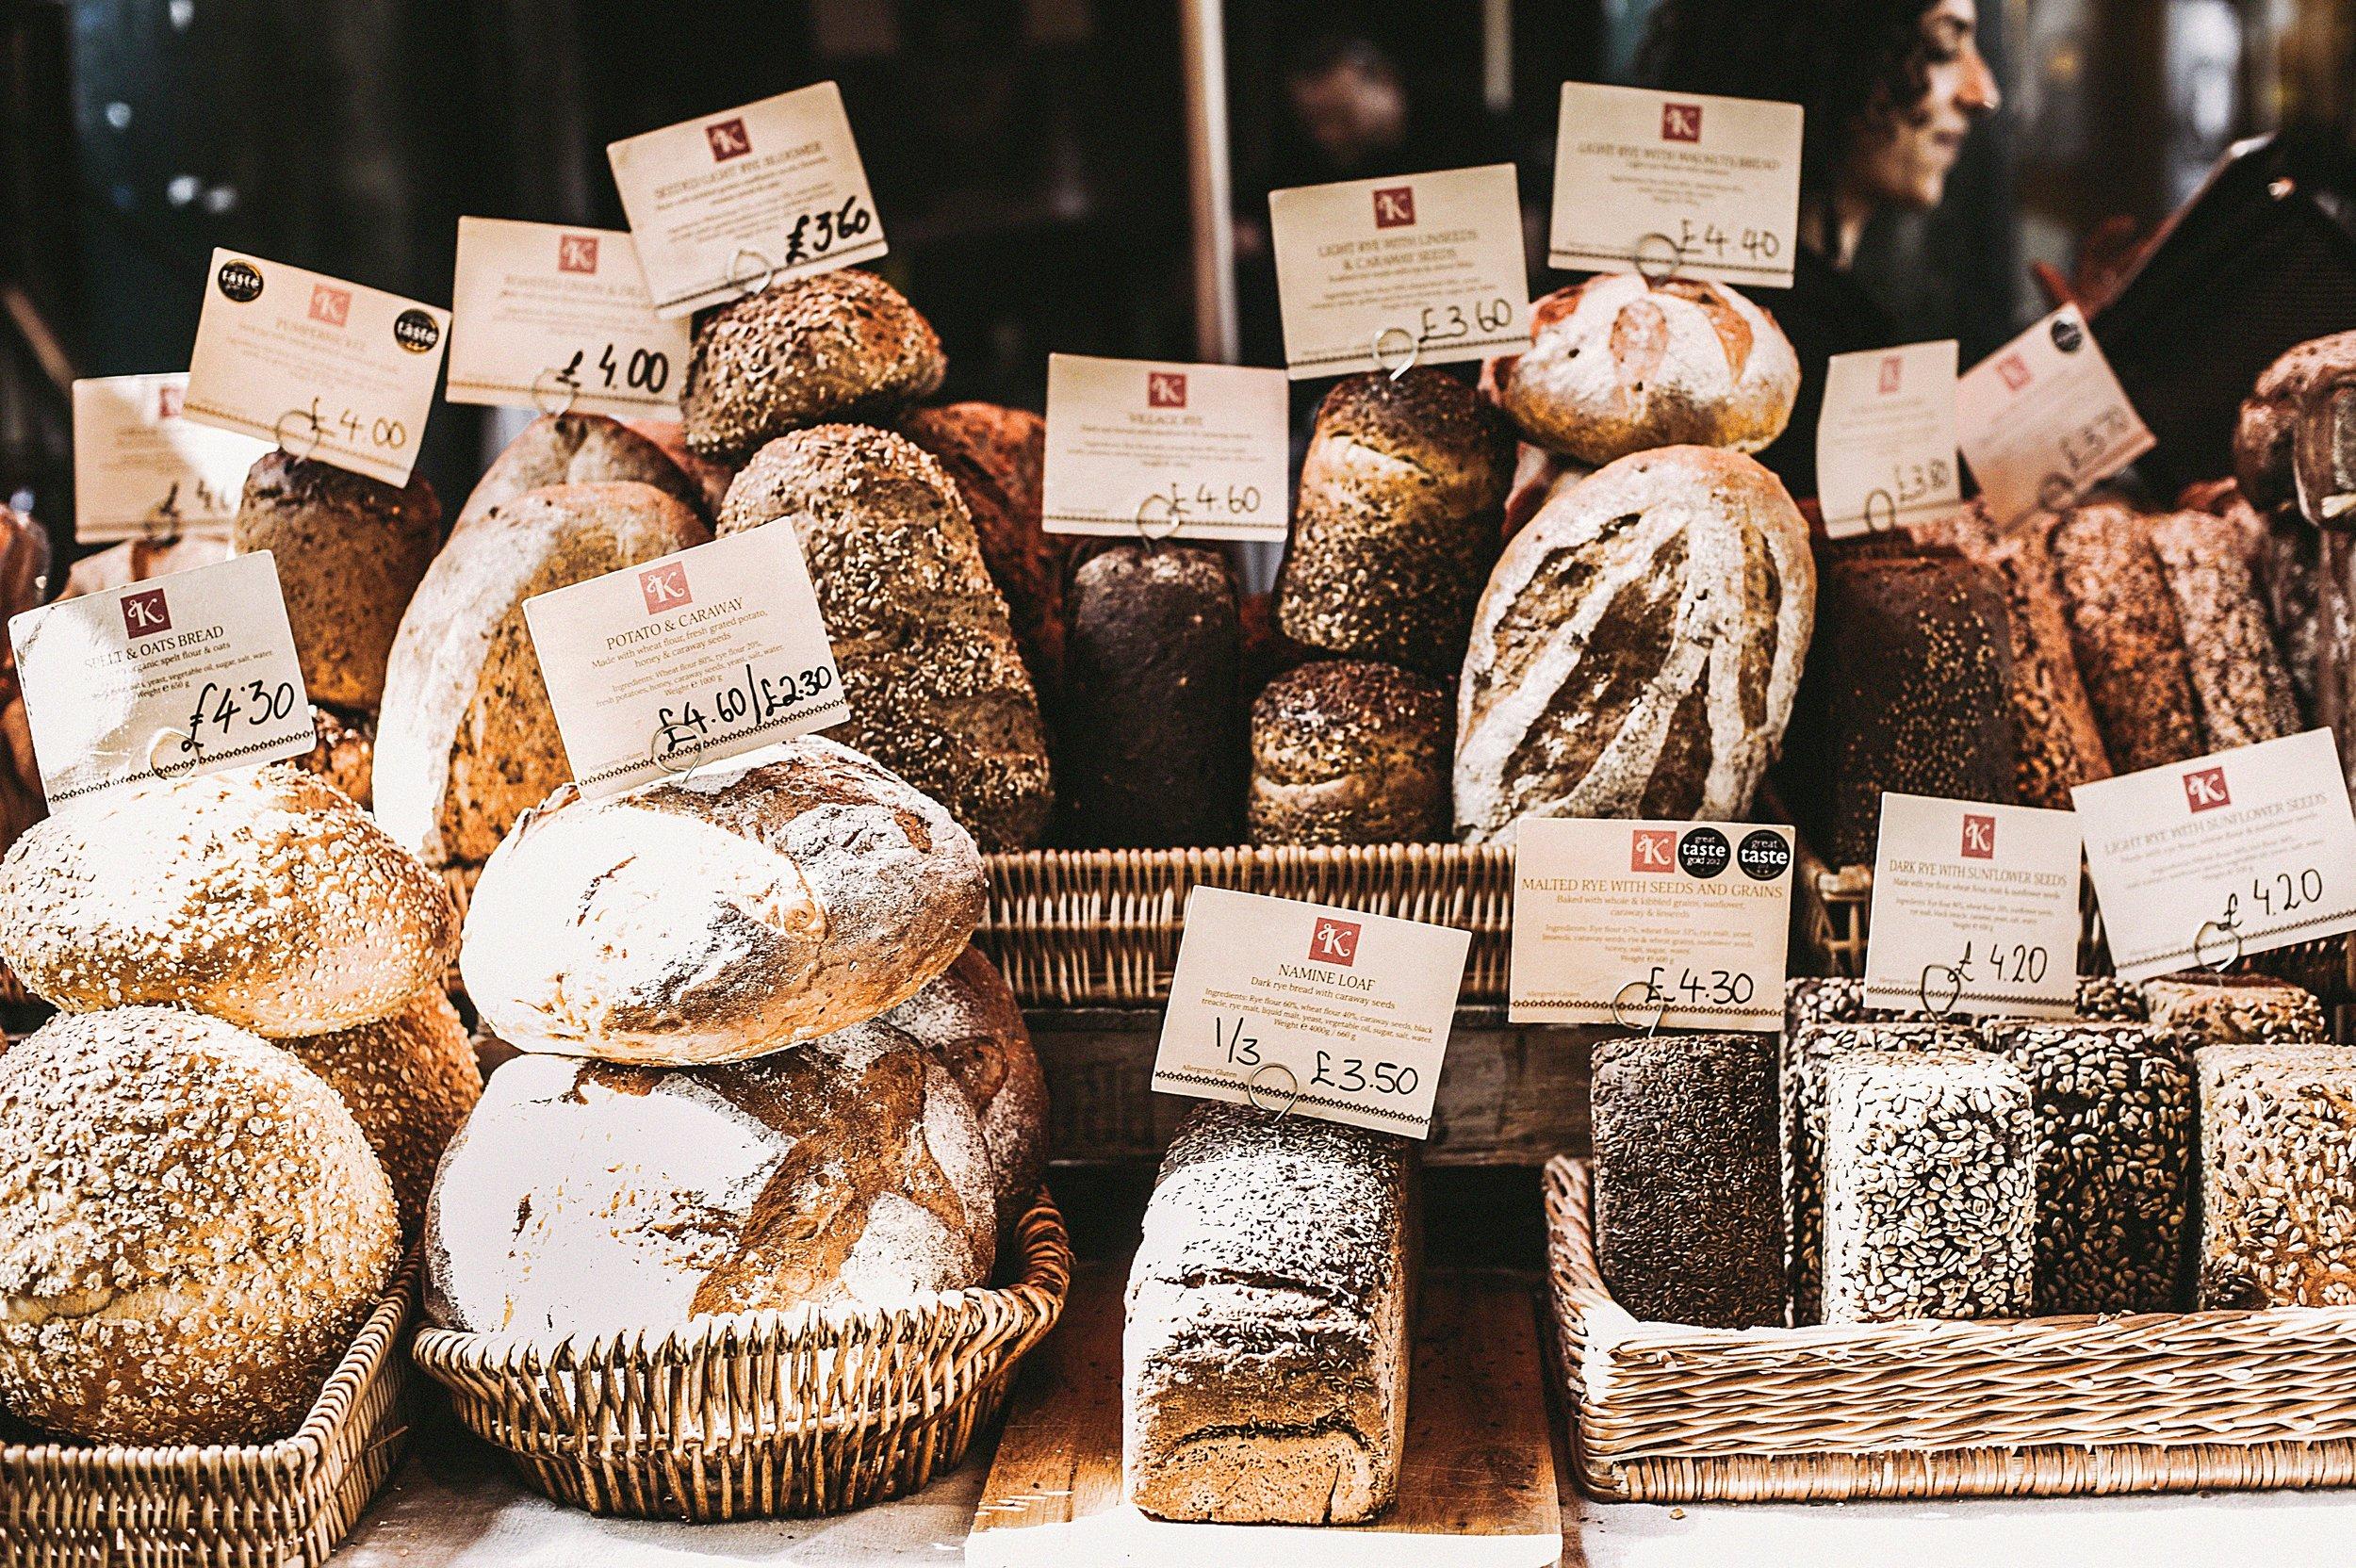 abundance-bakery-baskets-1070946.jpg